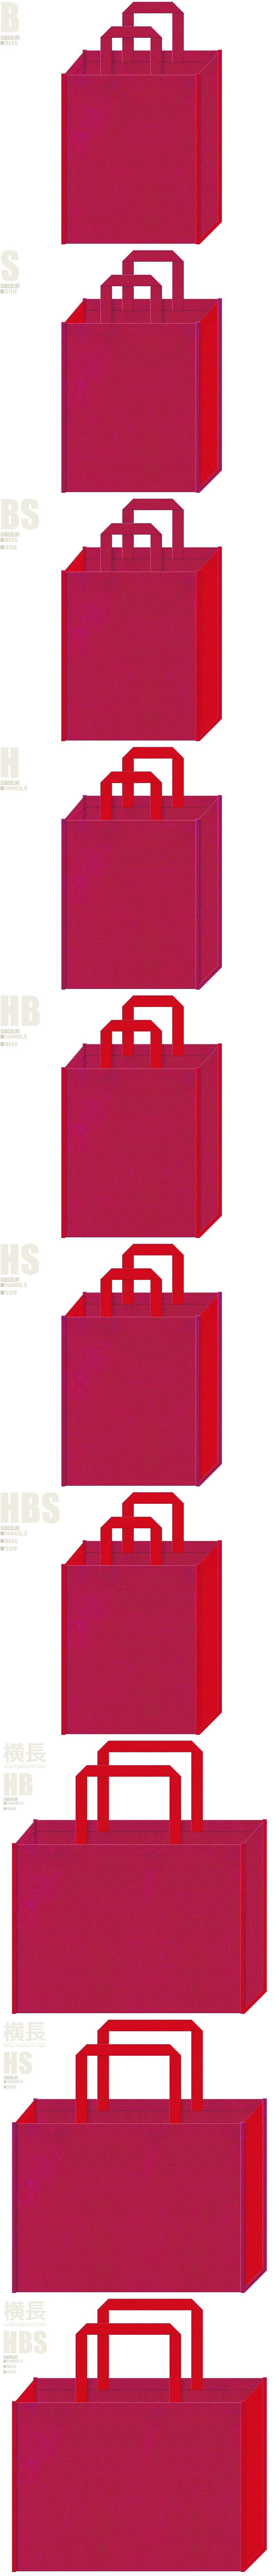 祇園・舞妓・絢爛・百花繚乱・花吹雪・茶会・和傘・邦楽演奏会・花火大会・観光・お祭り・法被・お正月・和風催事・福袋・女子イベントにお奨めの不織布バッグデザイン:濃いピンク色と紅色の配色7パターン